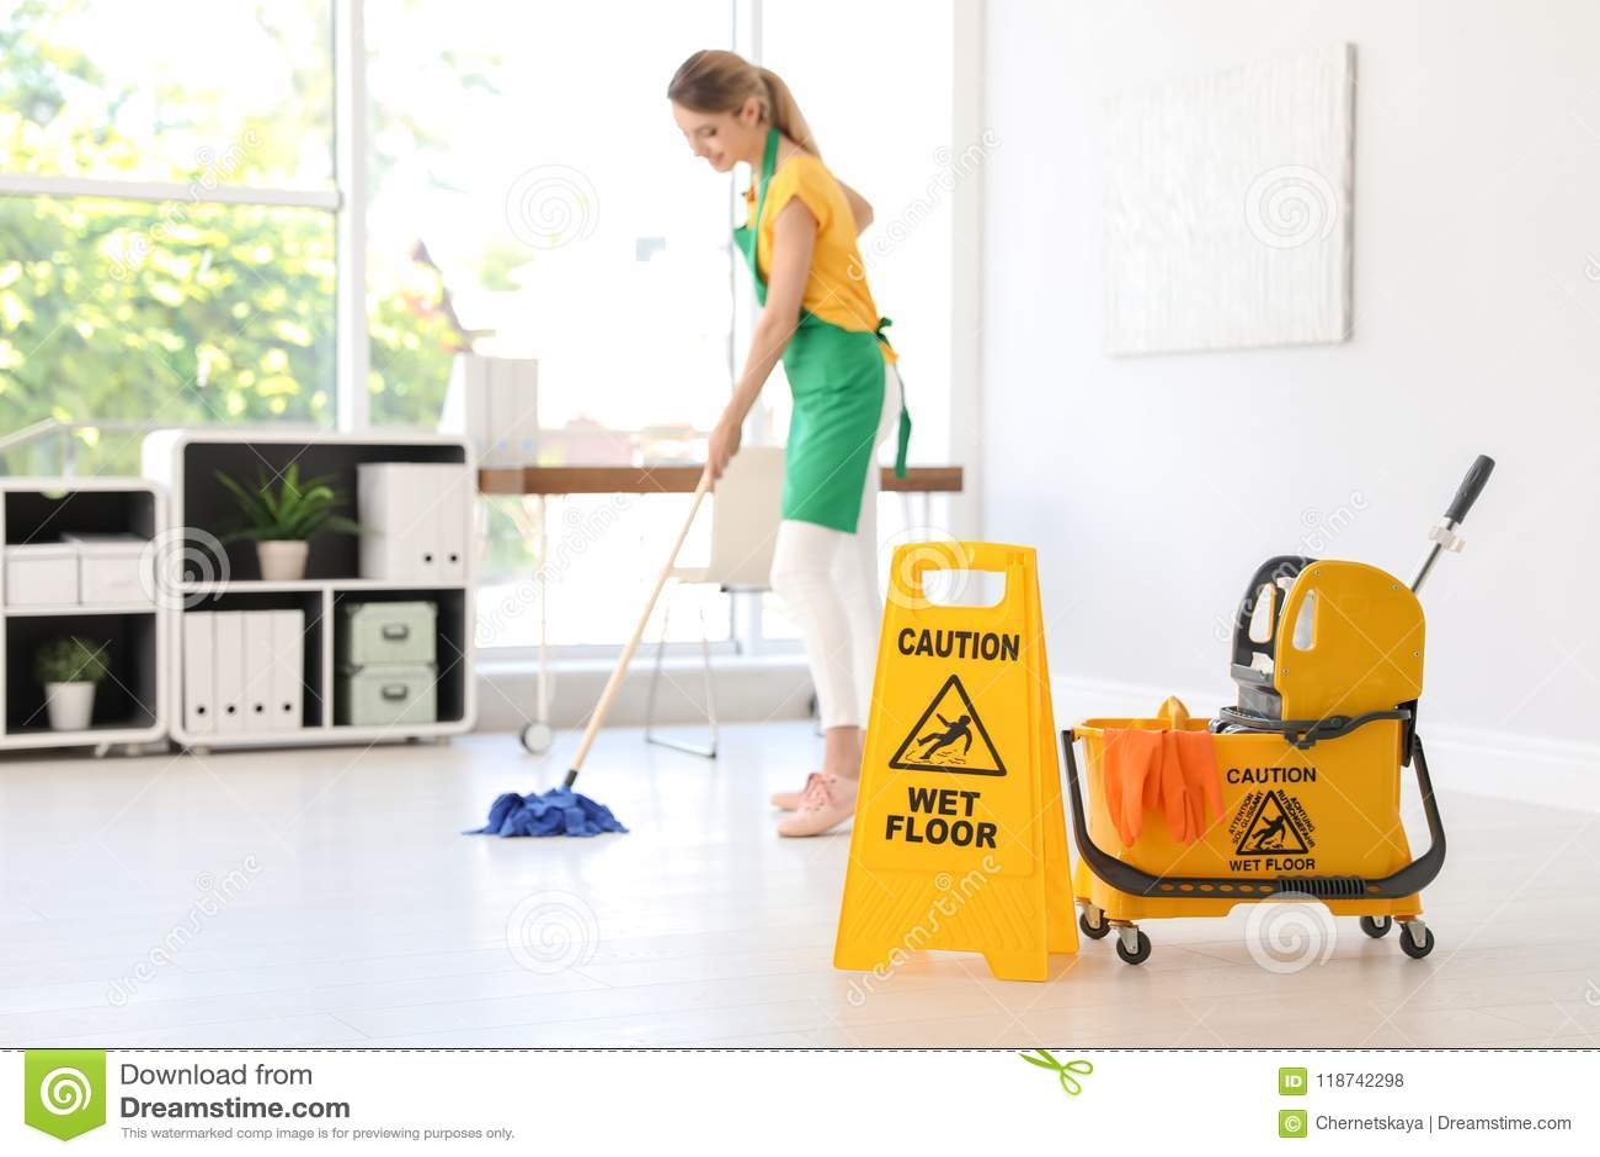 Sinal de segurança, cubeta do espanador com fontes de limpeza e jovem mulher no fundo